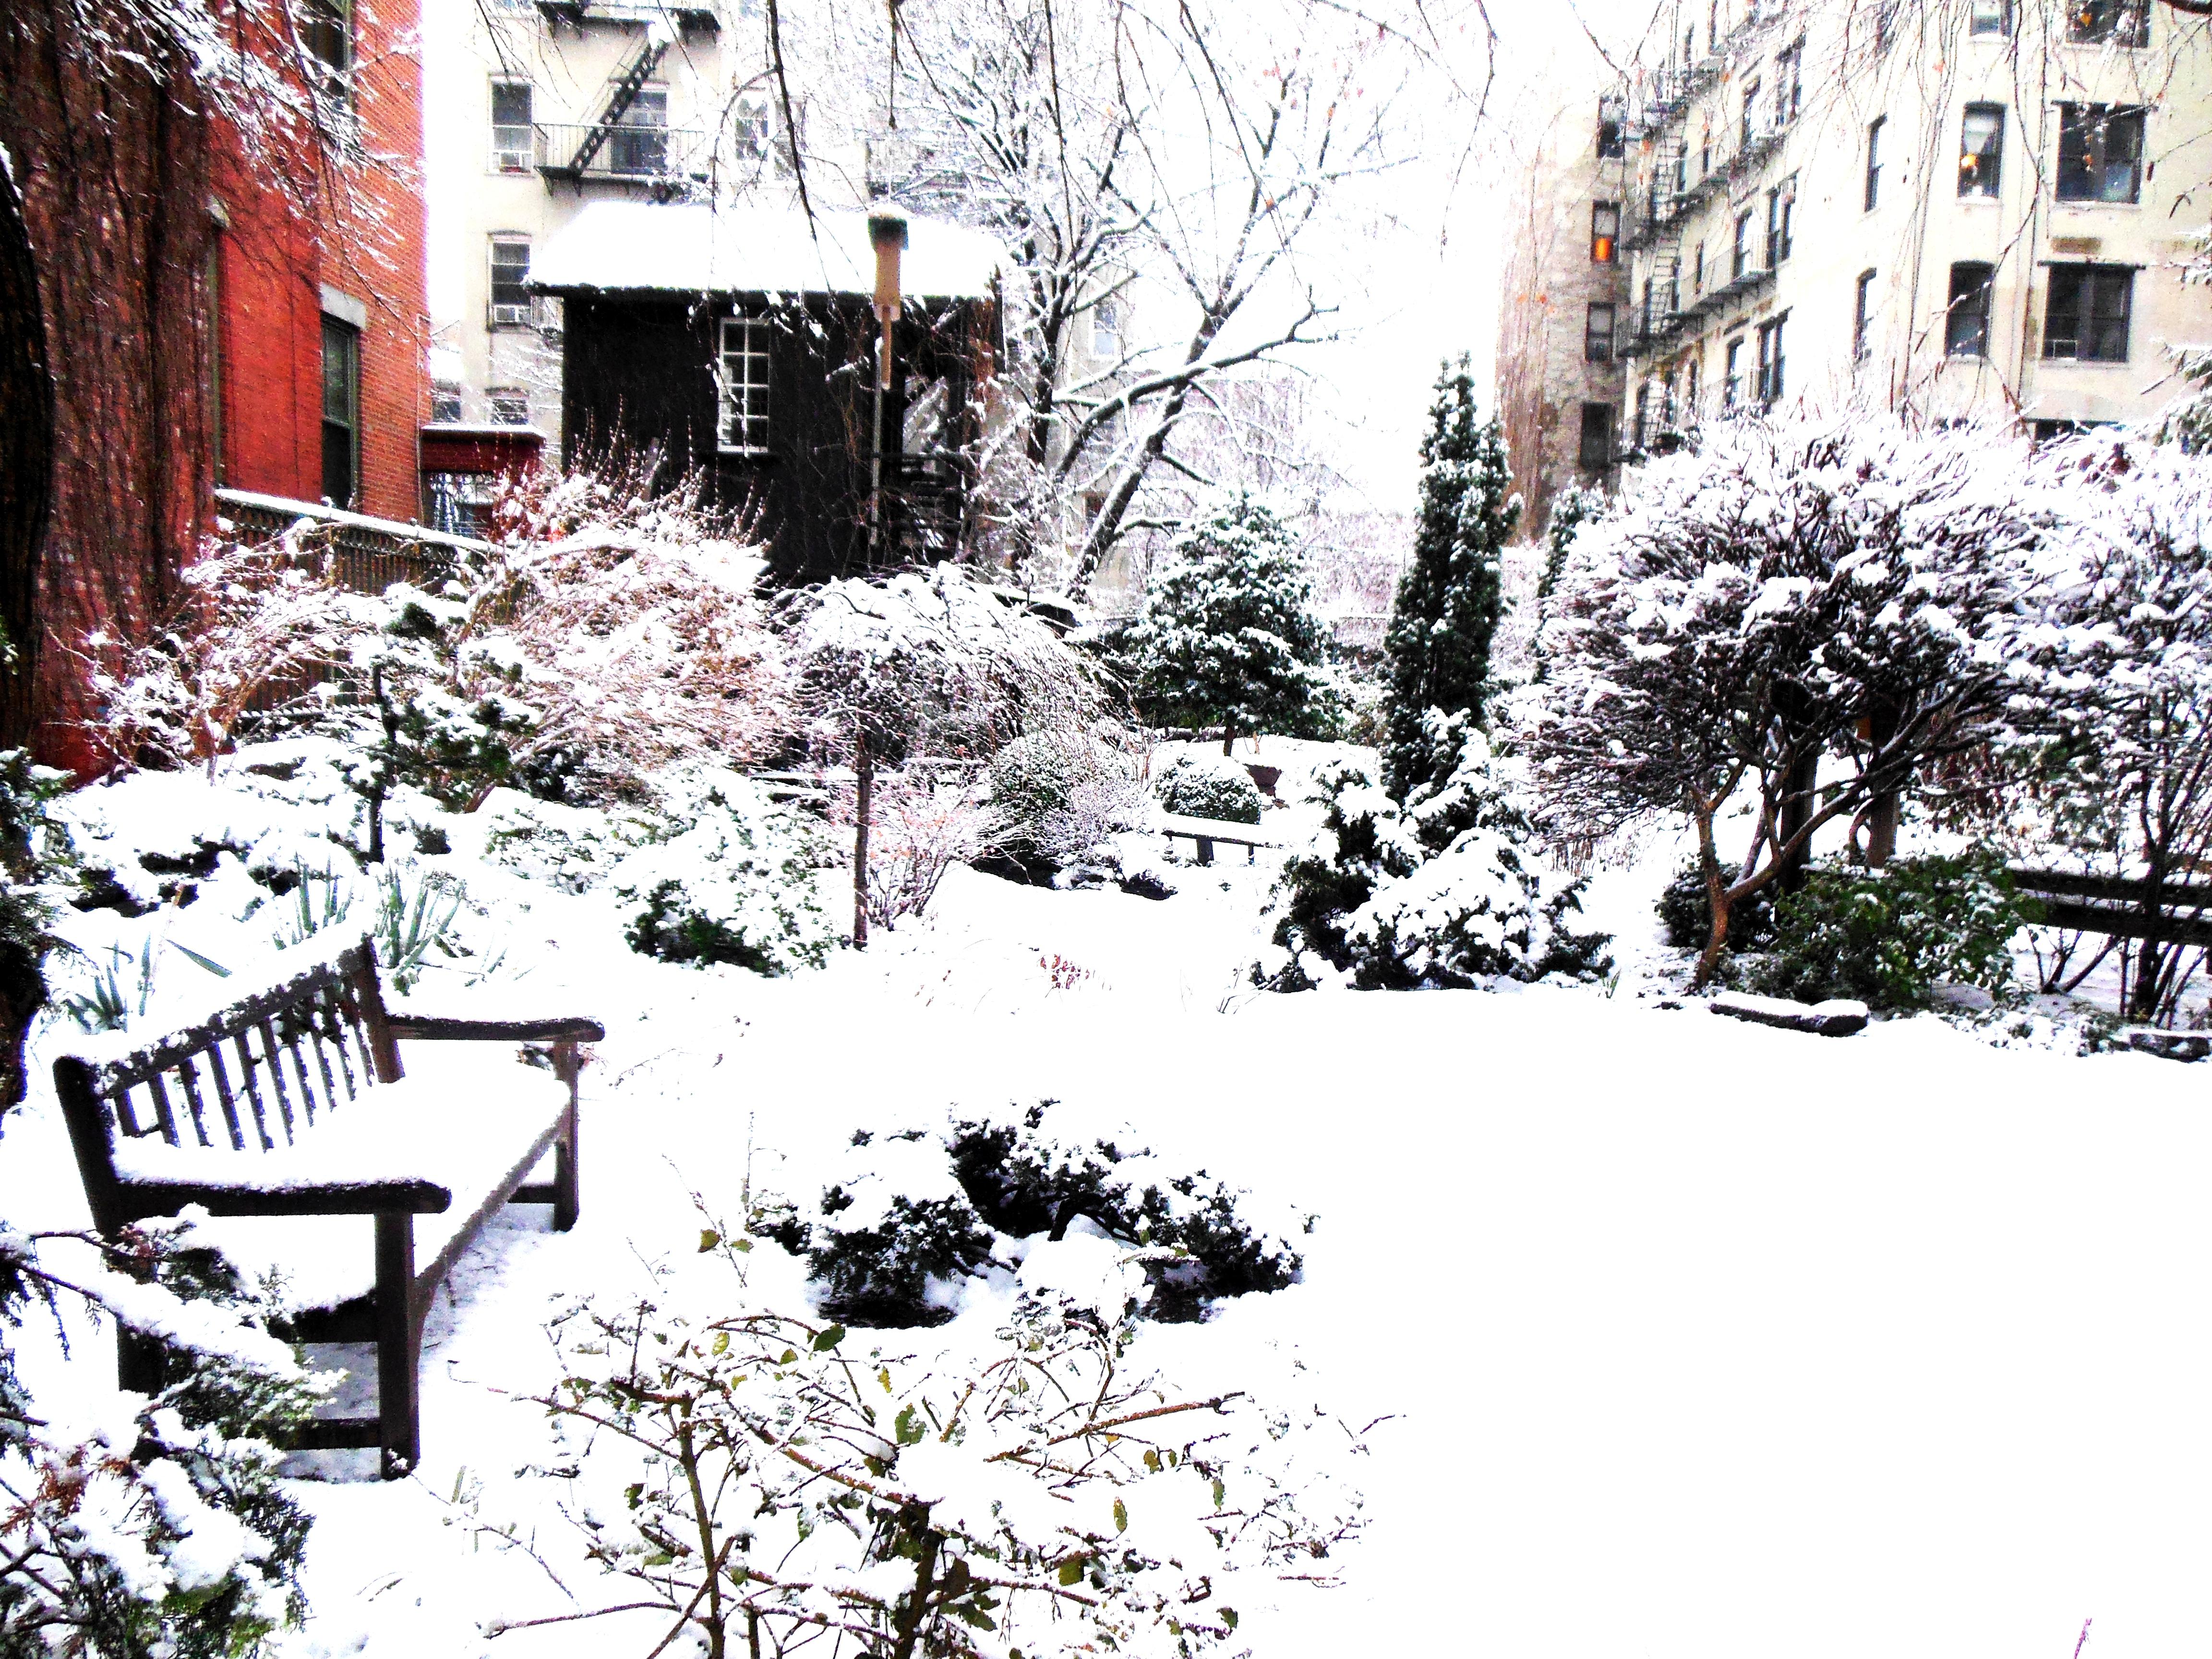 Community Gardens Of East Village Photo By Artur Dancs